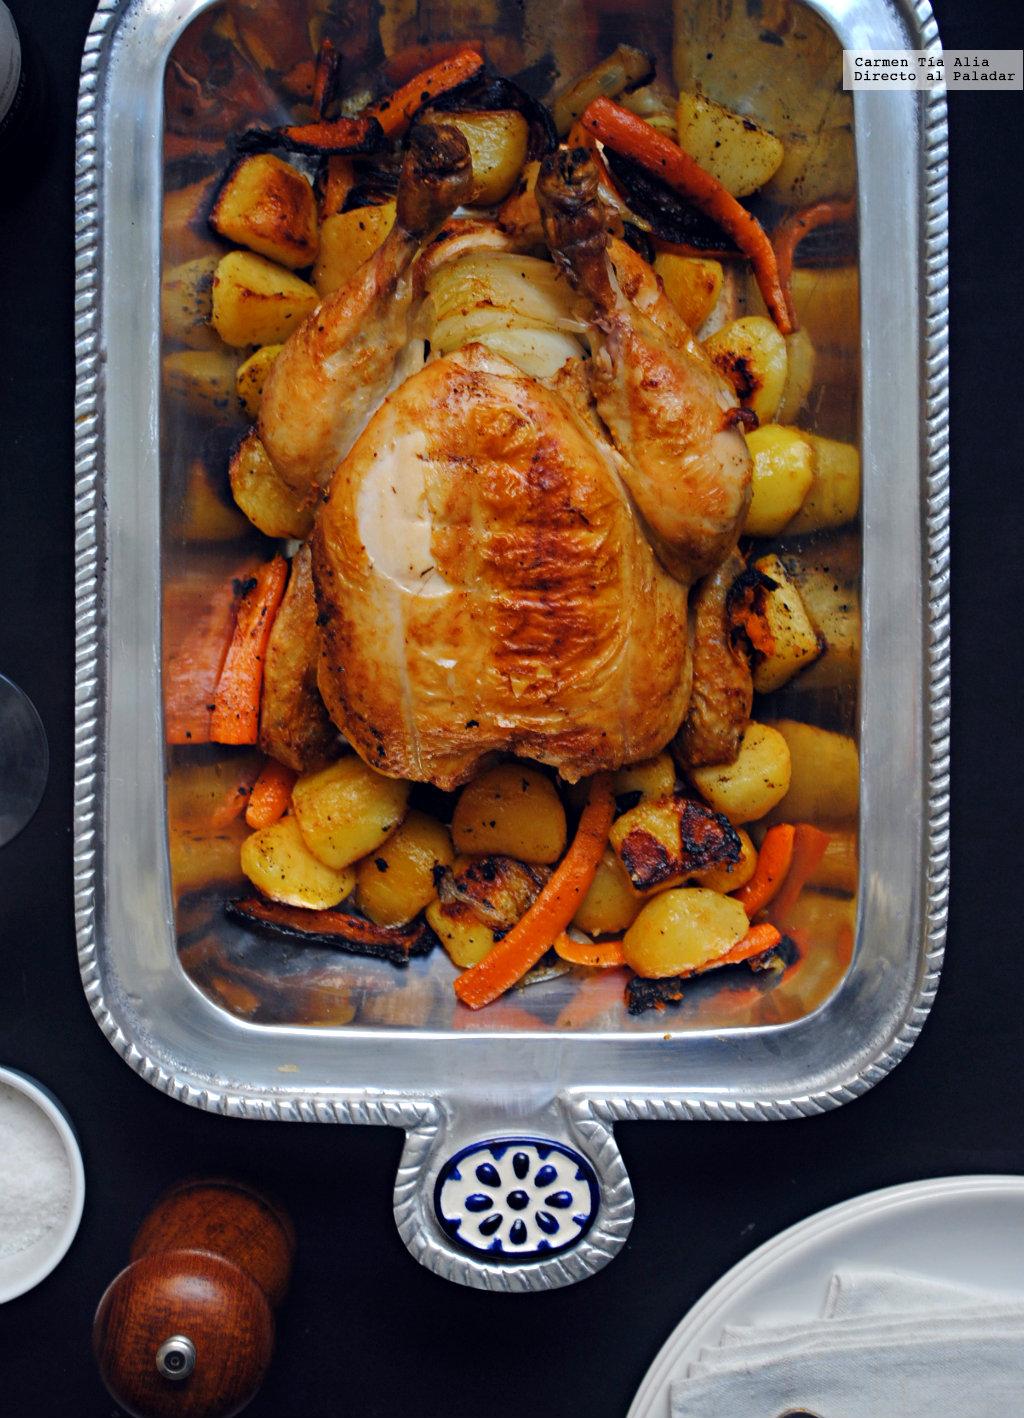 Image Result For Receta De Cocina De Pollo Al Limon